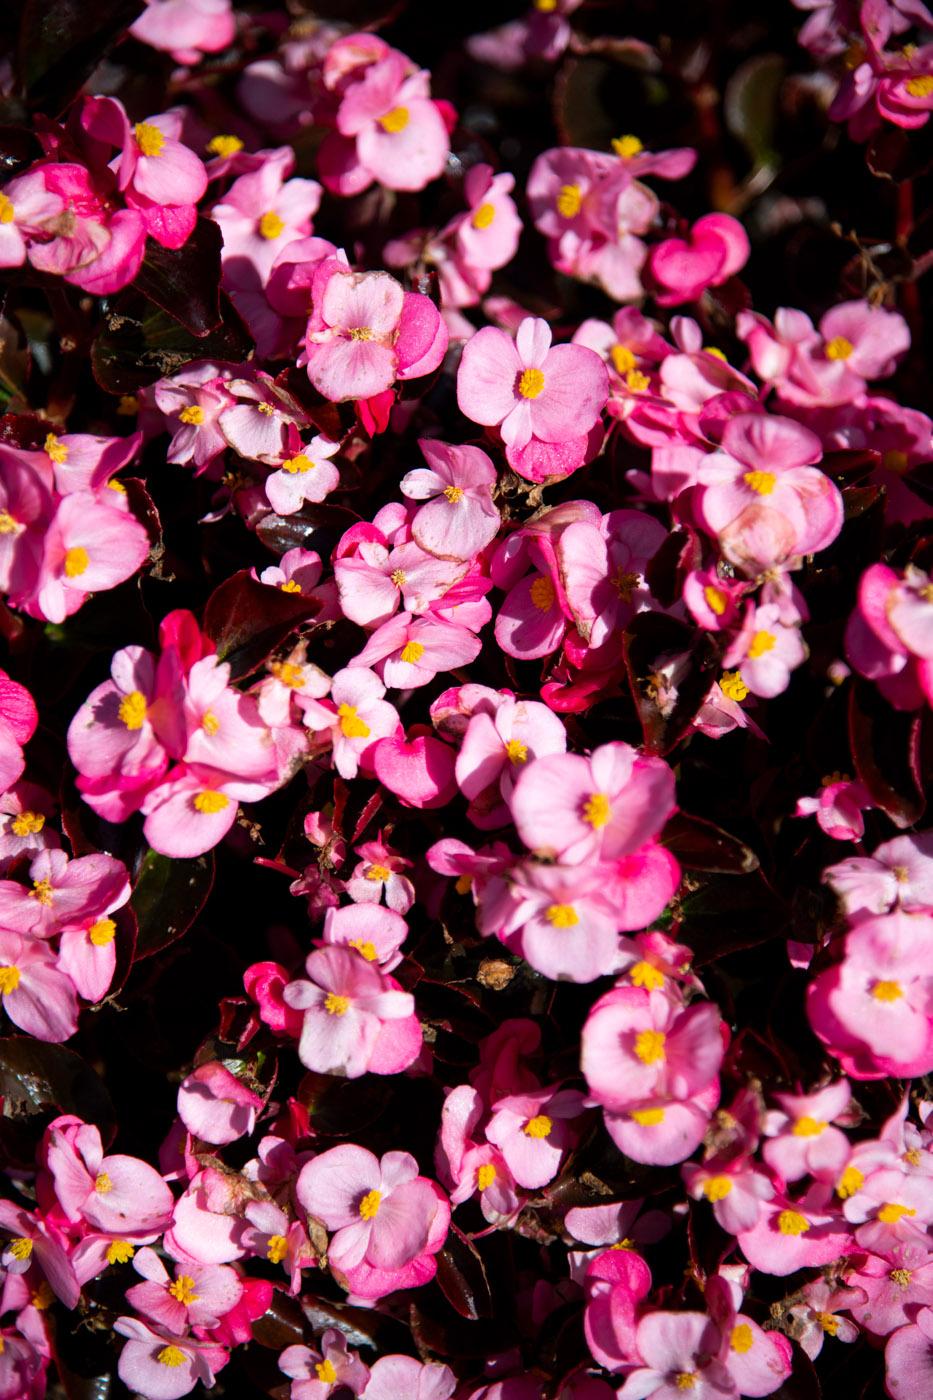 Fleurs (Flowers) 38